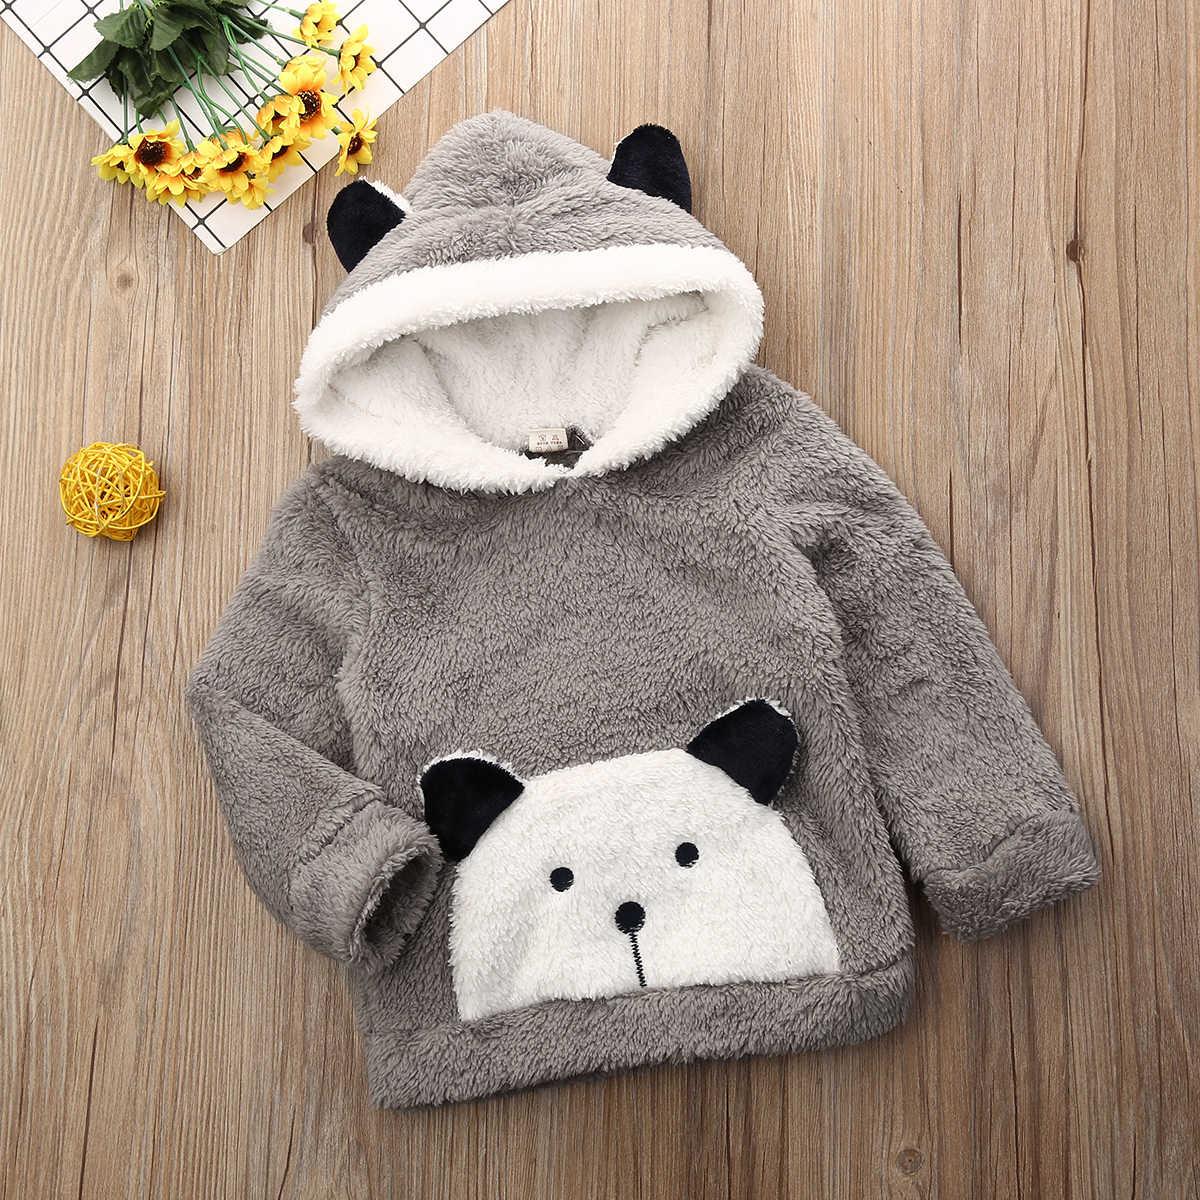 6M-3Y เด็กวัยหัดเดินทารกแรกเกิดเด็กทารกเสื้ออบอุ่น Hooded การ์ตูนตุ๊กตาหมีเสื้อฤดูหนาวฤดูใบไม้ร่วงเด็กอ่อนเสื้อผ้า